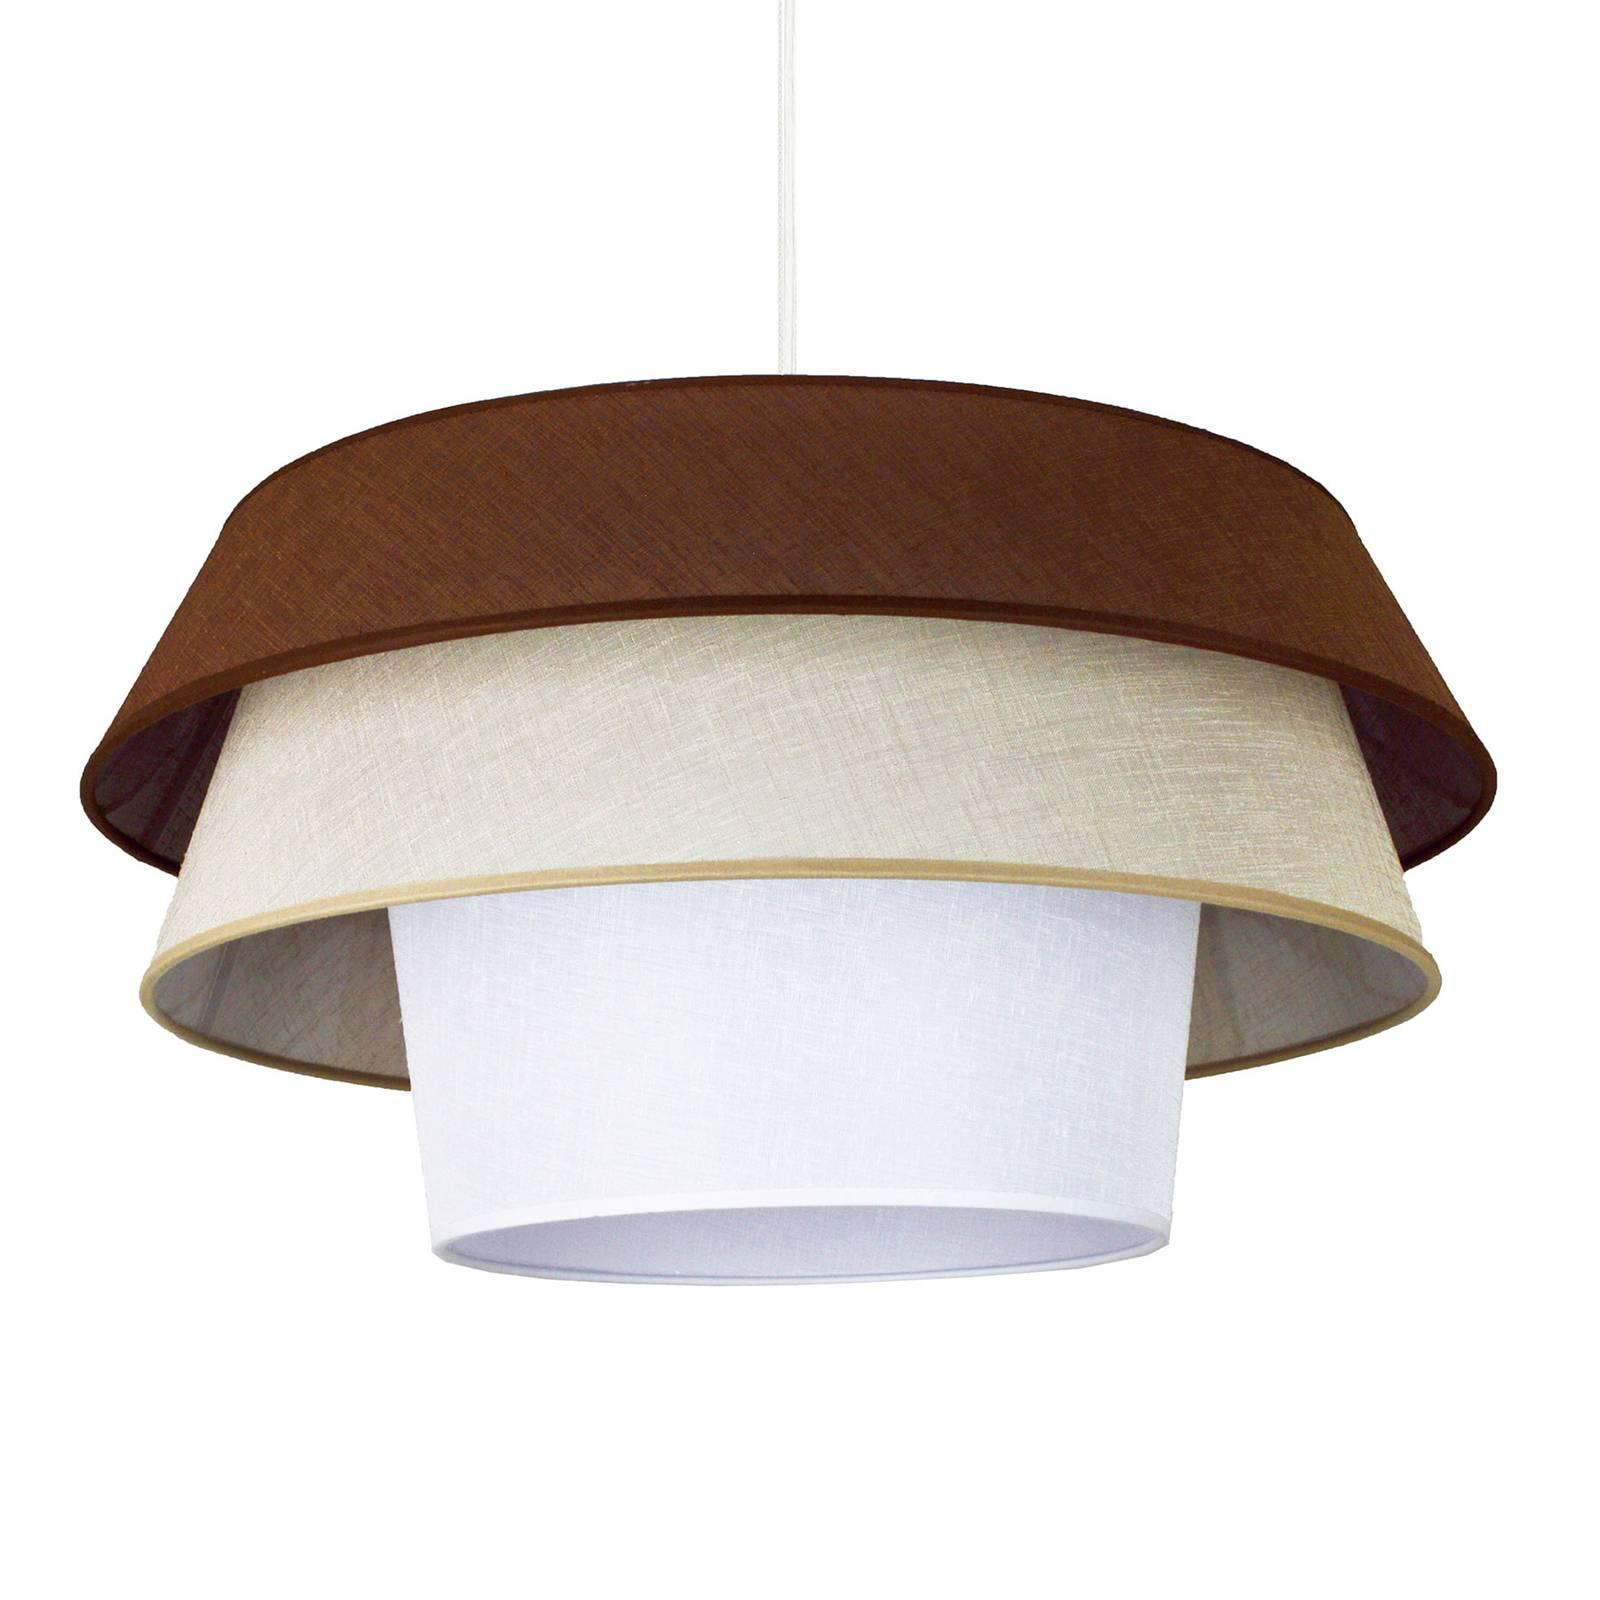 Tekstylna lampa wisząca Lotos, brązowa/ beż/biała